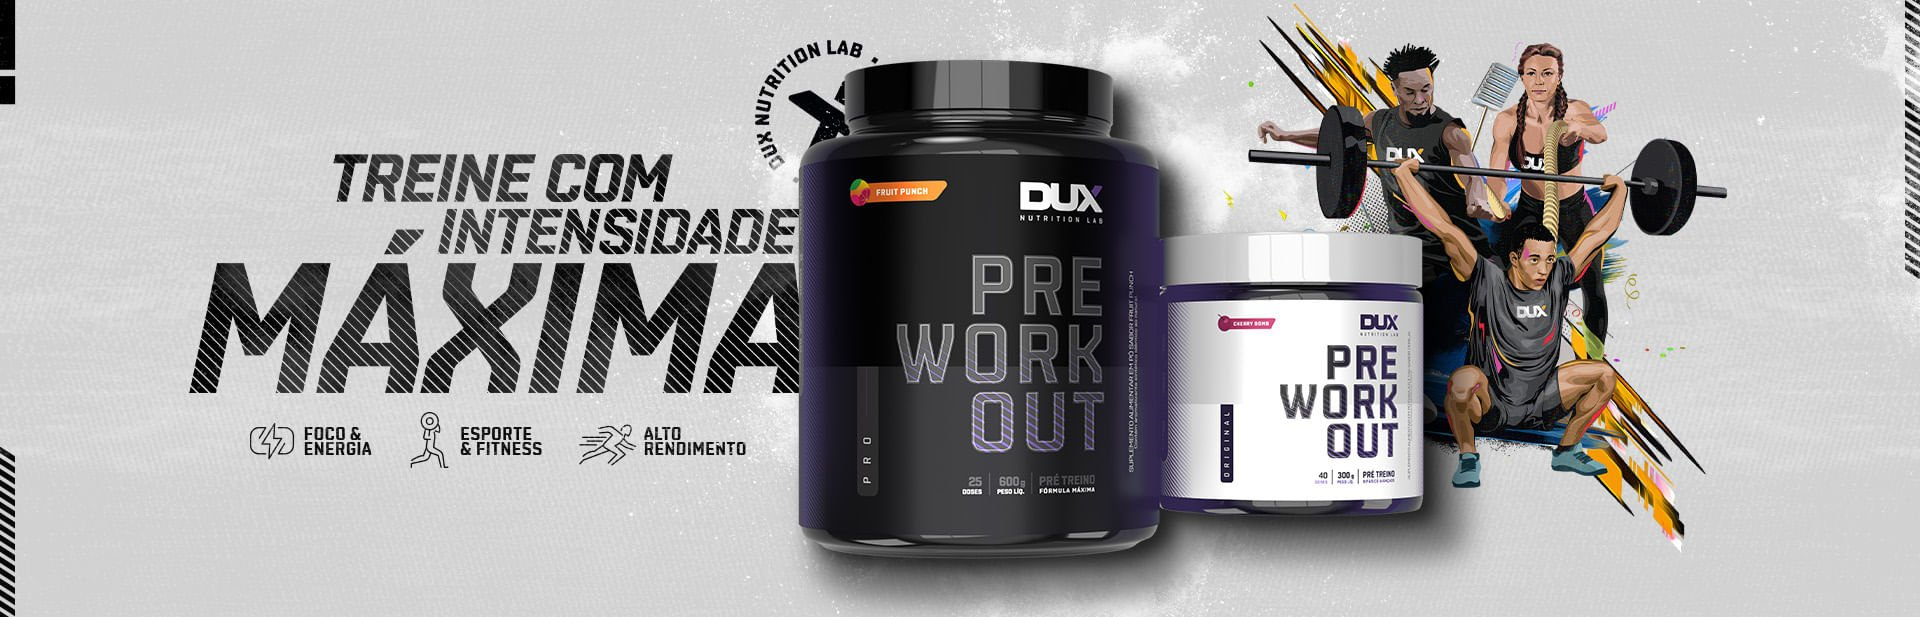 lançamento dux pre workout